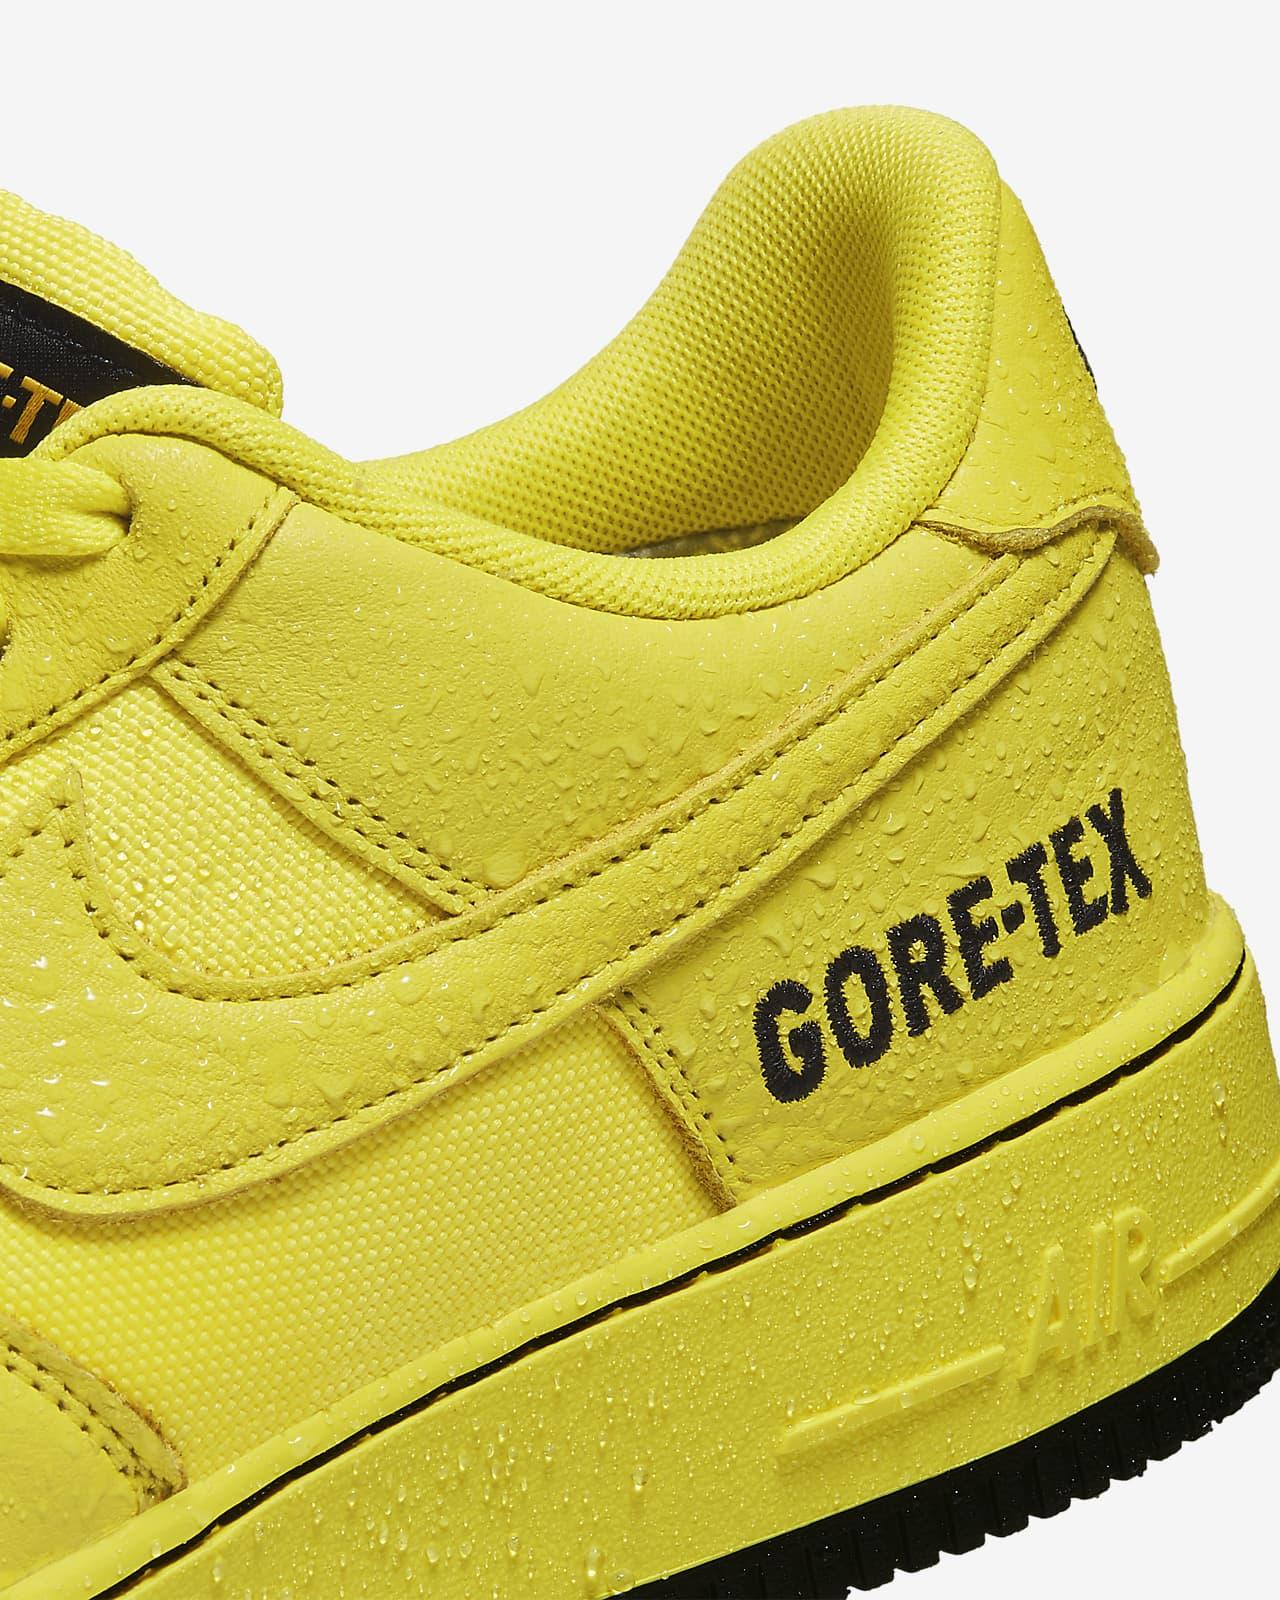 air force 1 goretex gialle